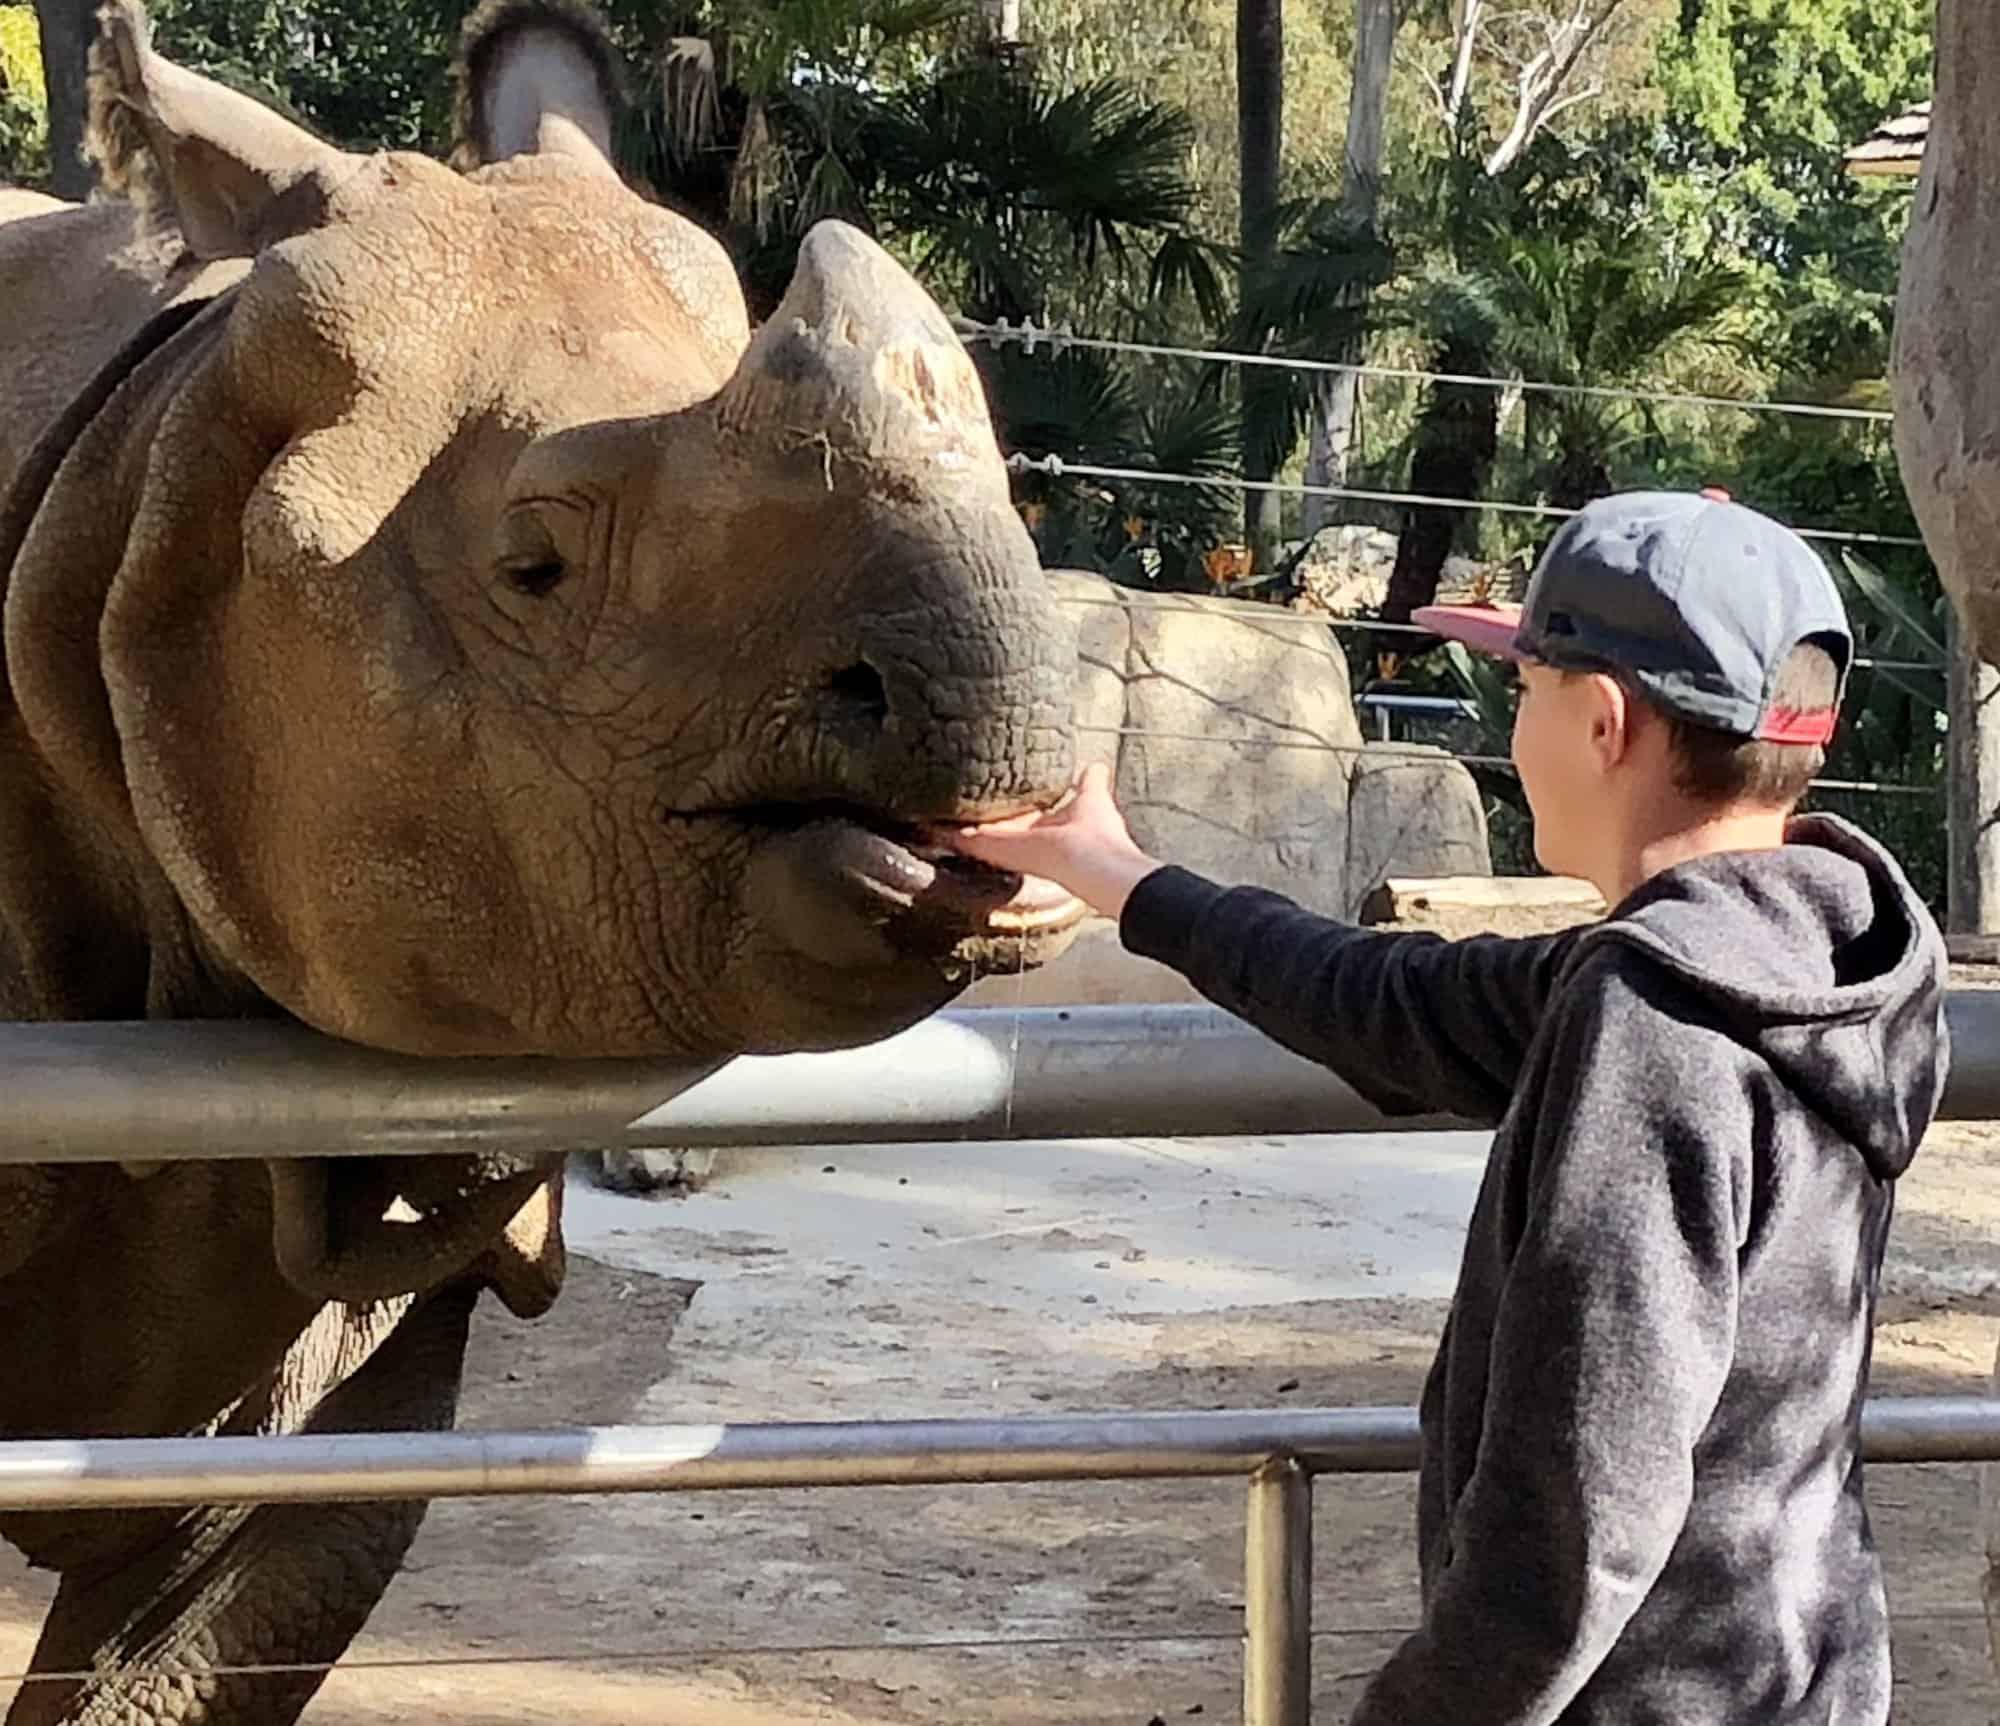 Feeding a rhino at the San Diego Zoo